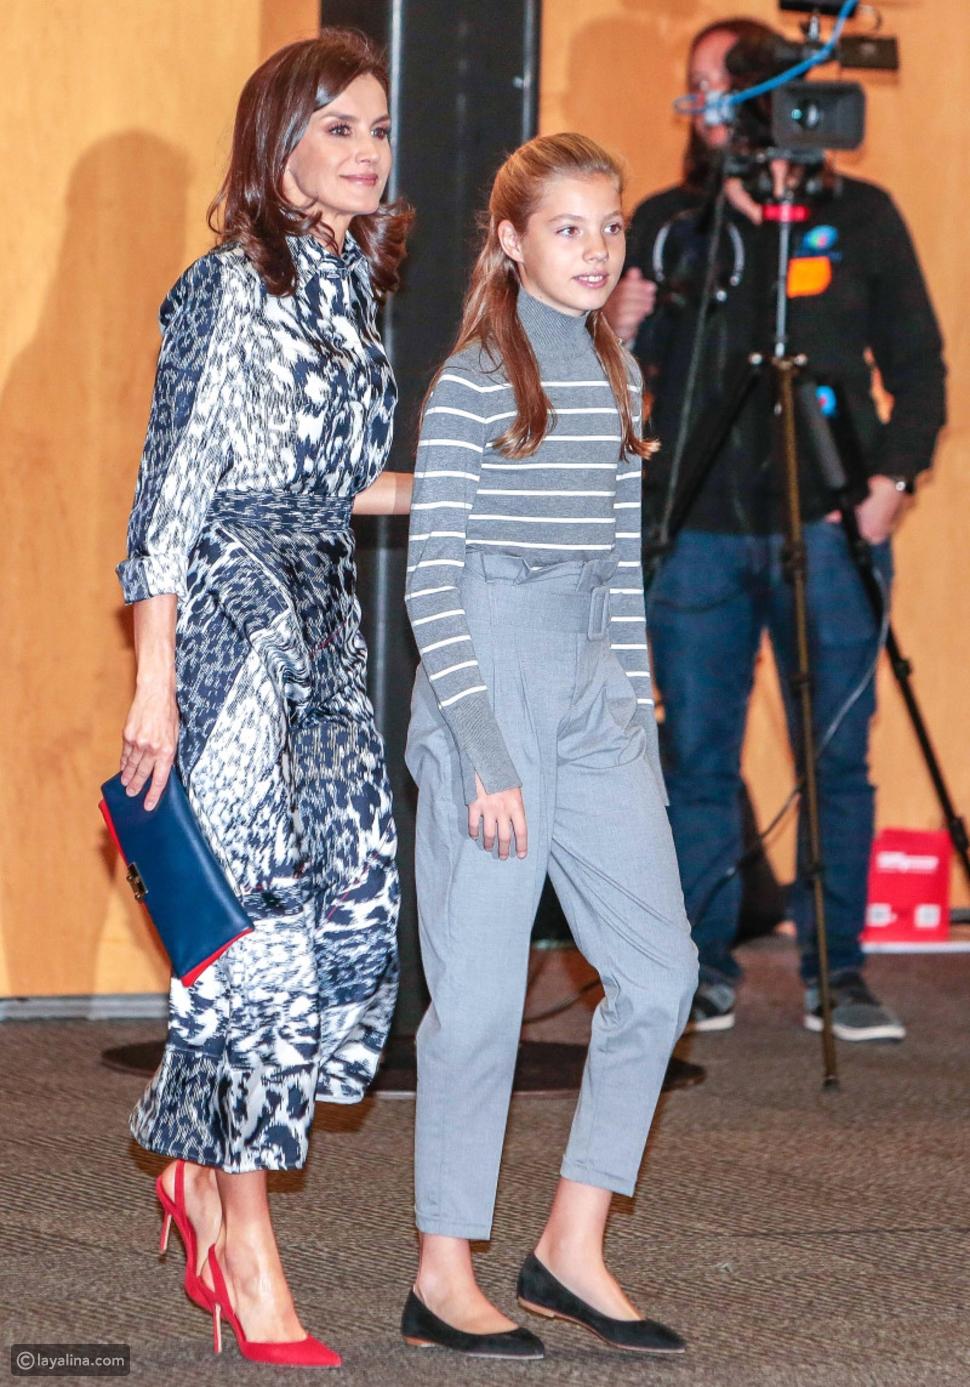 ملكة أسبانيا الملكة ليتيزياQueen Letizia